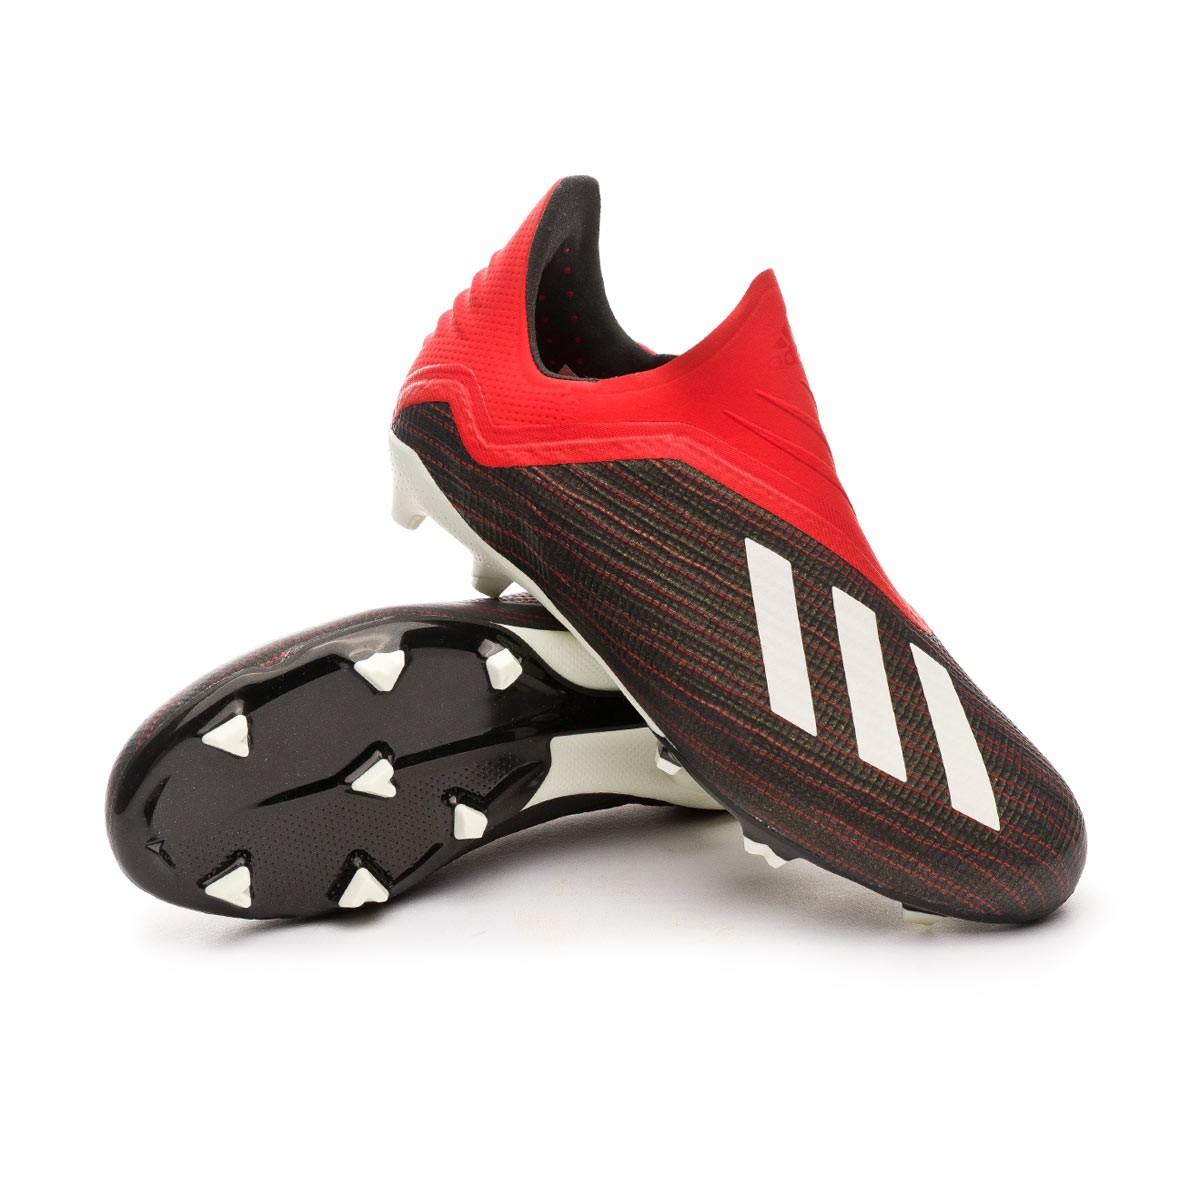 Comiendo De ninguna manera Absorber  Bota de fútbol adidas X 18+ FG Niño Core black-White-Active red - Tienda de fútbol  Fútbol Emotion